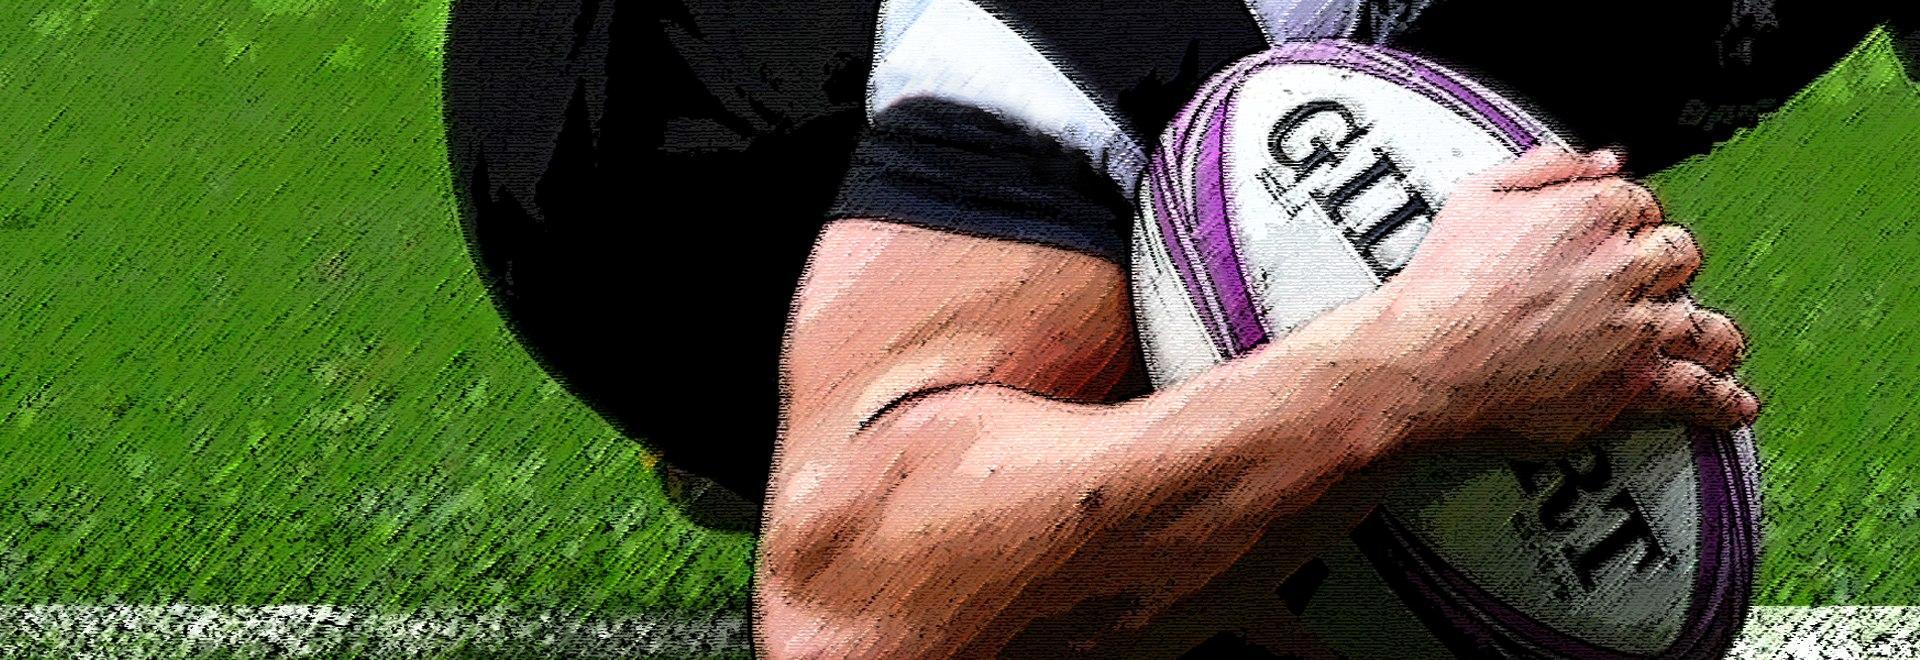 Bath Rugby - Montpellier